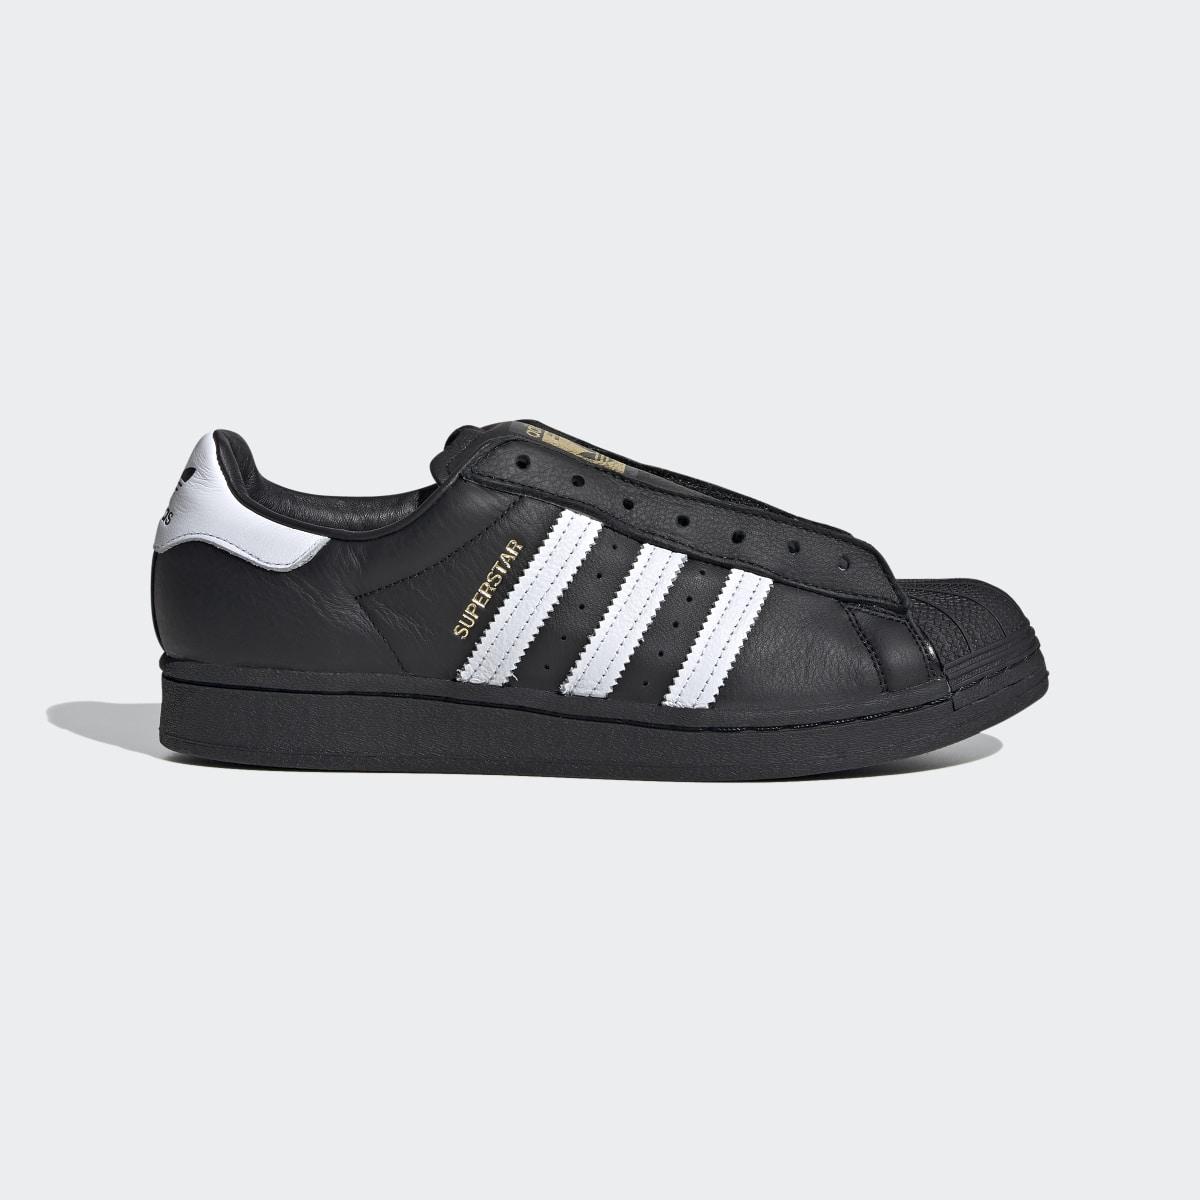 adidas Superstar Skor | adidas Officiella Butik